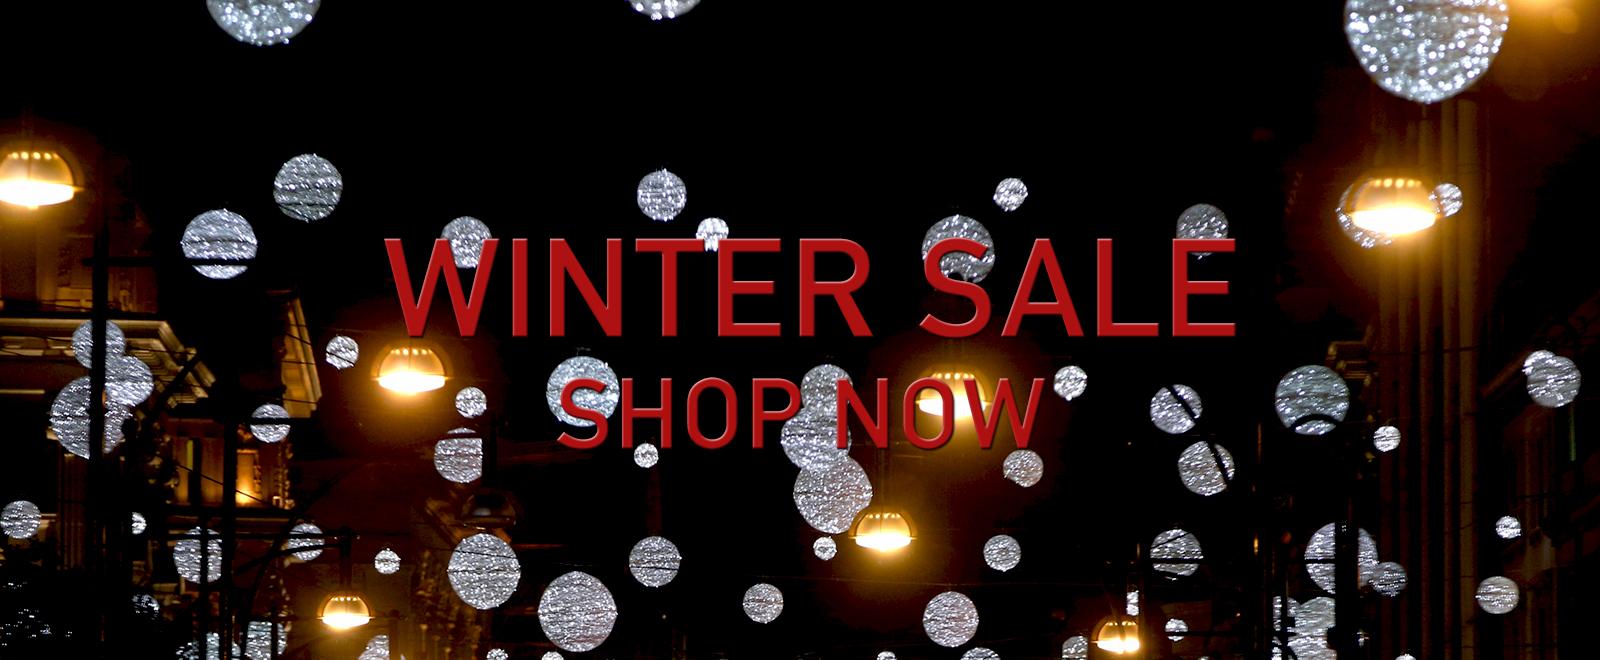 Winter Sales at Hawkins & Shepherd2.jpg